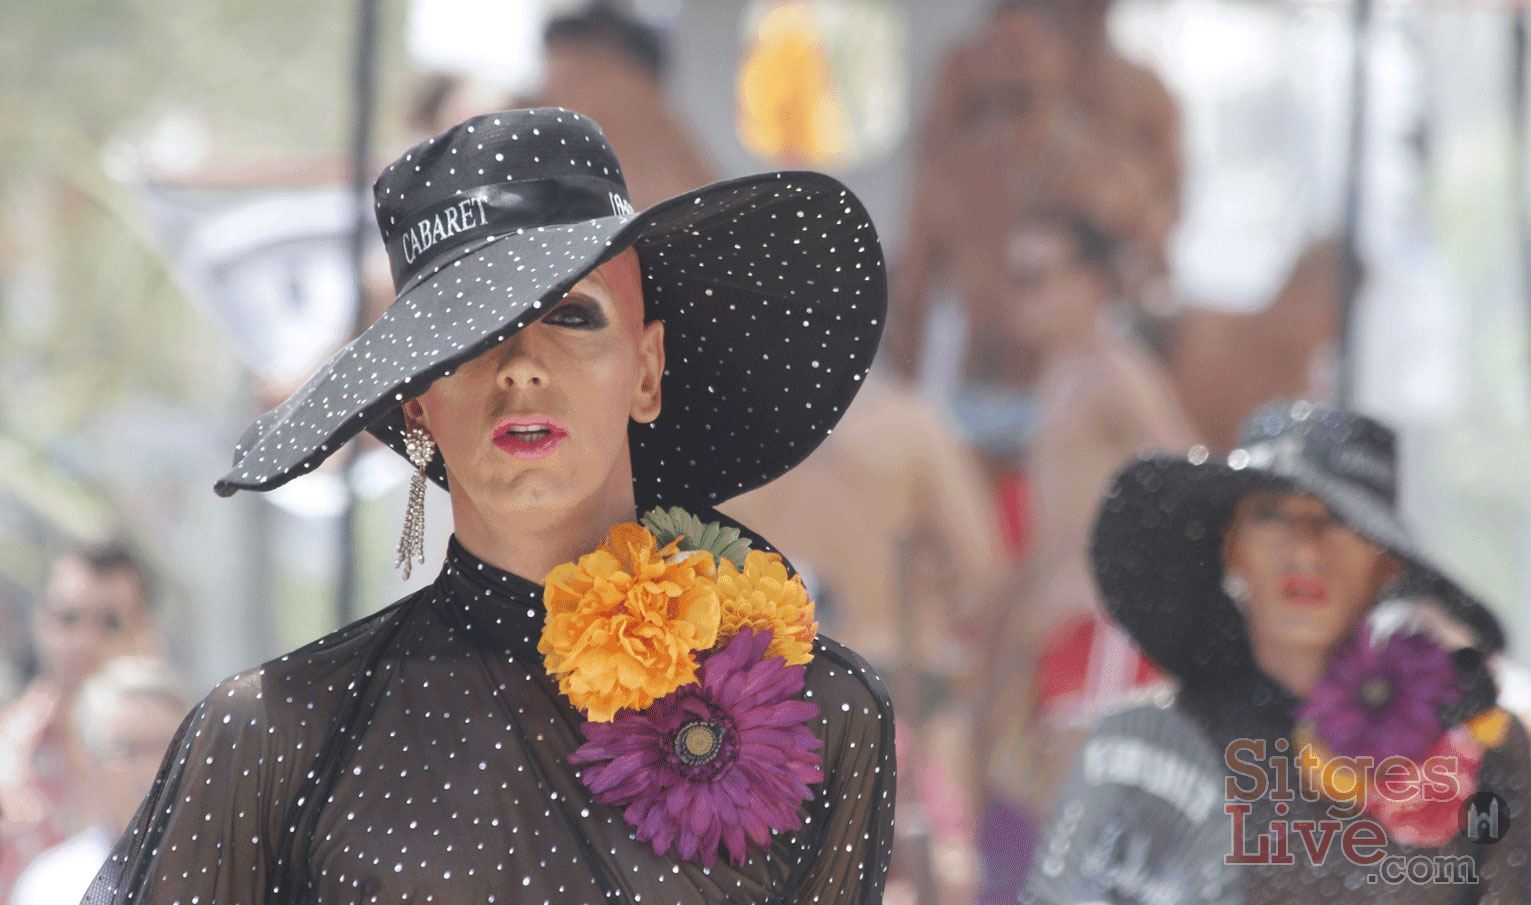 Drag Queen & Cabaret Show - Sitges Barcelona